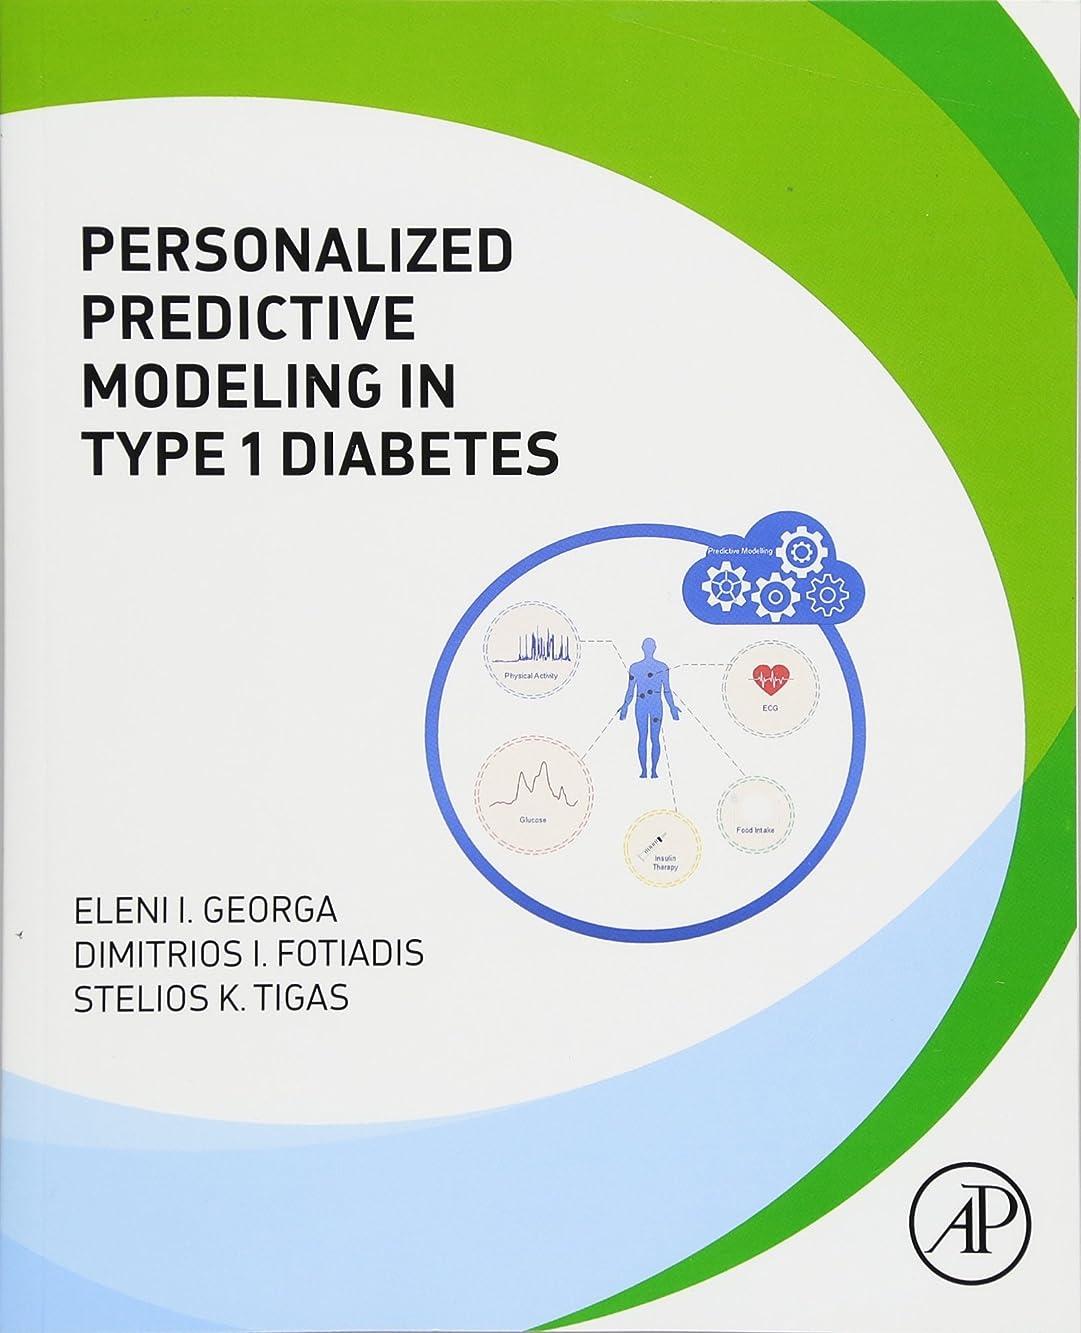 始まり困惑した路面電車Personalized Predictive Modeling in Type 1 Diabetes